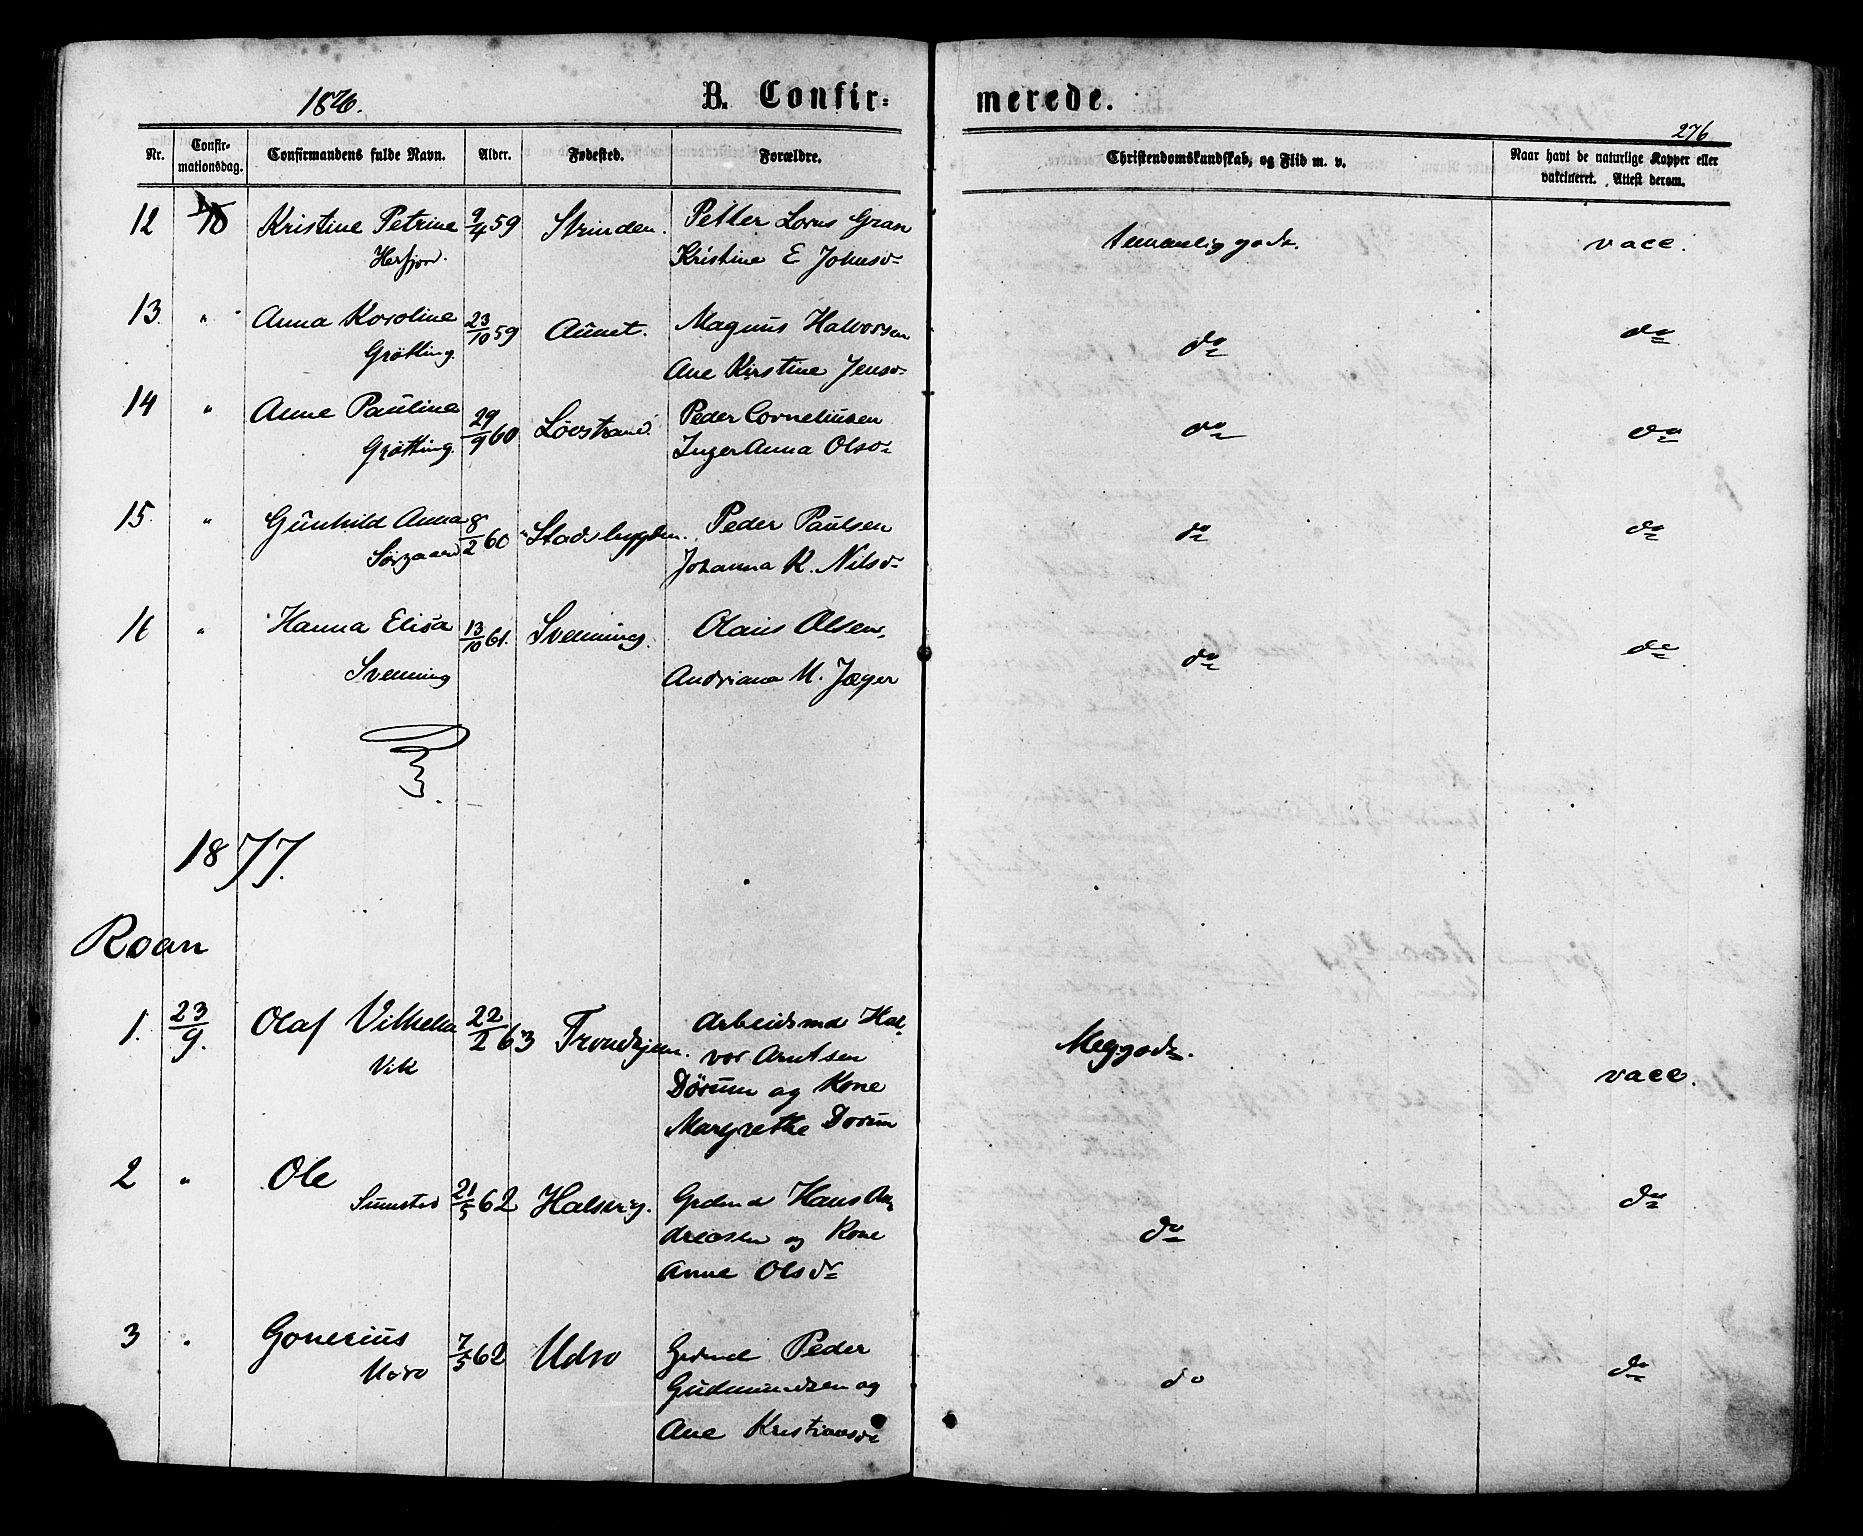 SAT, Ministerialprotokoller, klokkerbøker og fødselsregistre - Sør-Trøndelag, 657/L0706: Ministerialbok nr. 657A07, 1867-1878, s. 276